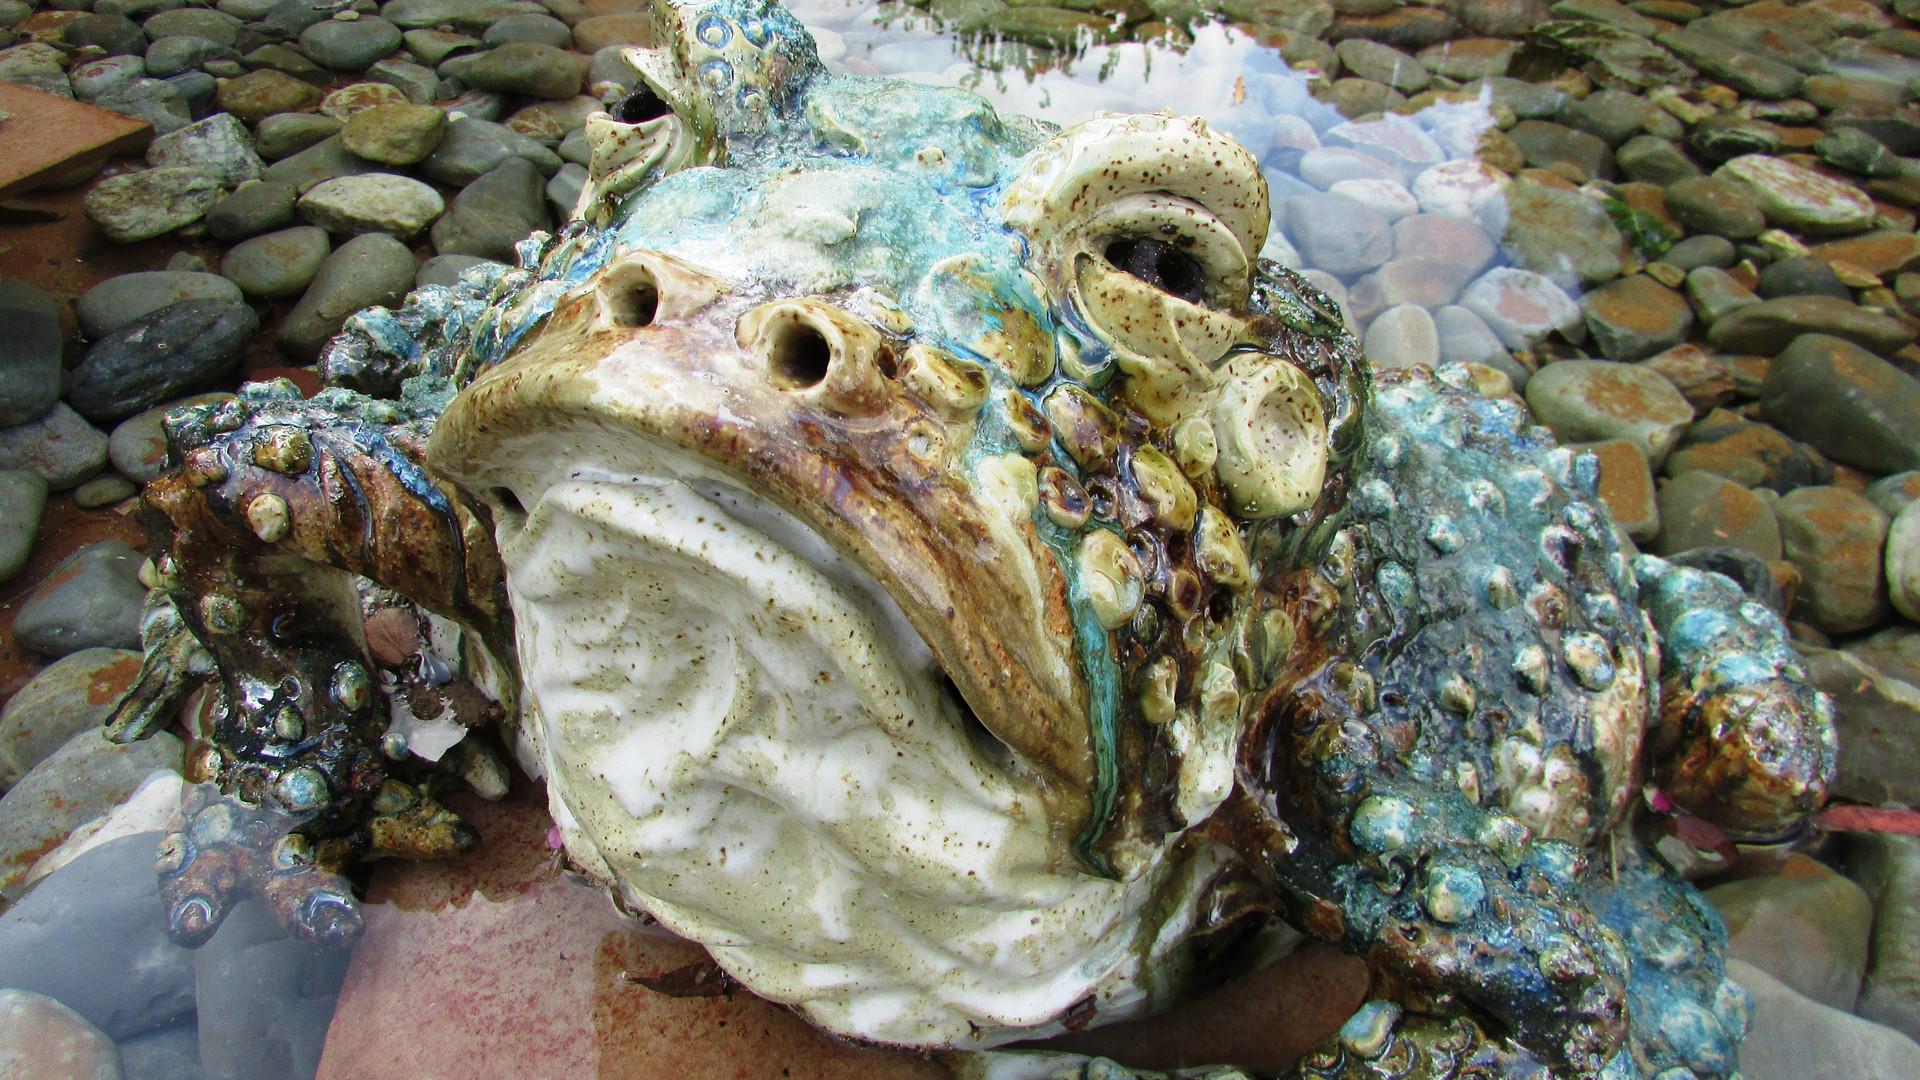 Ceramic frog